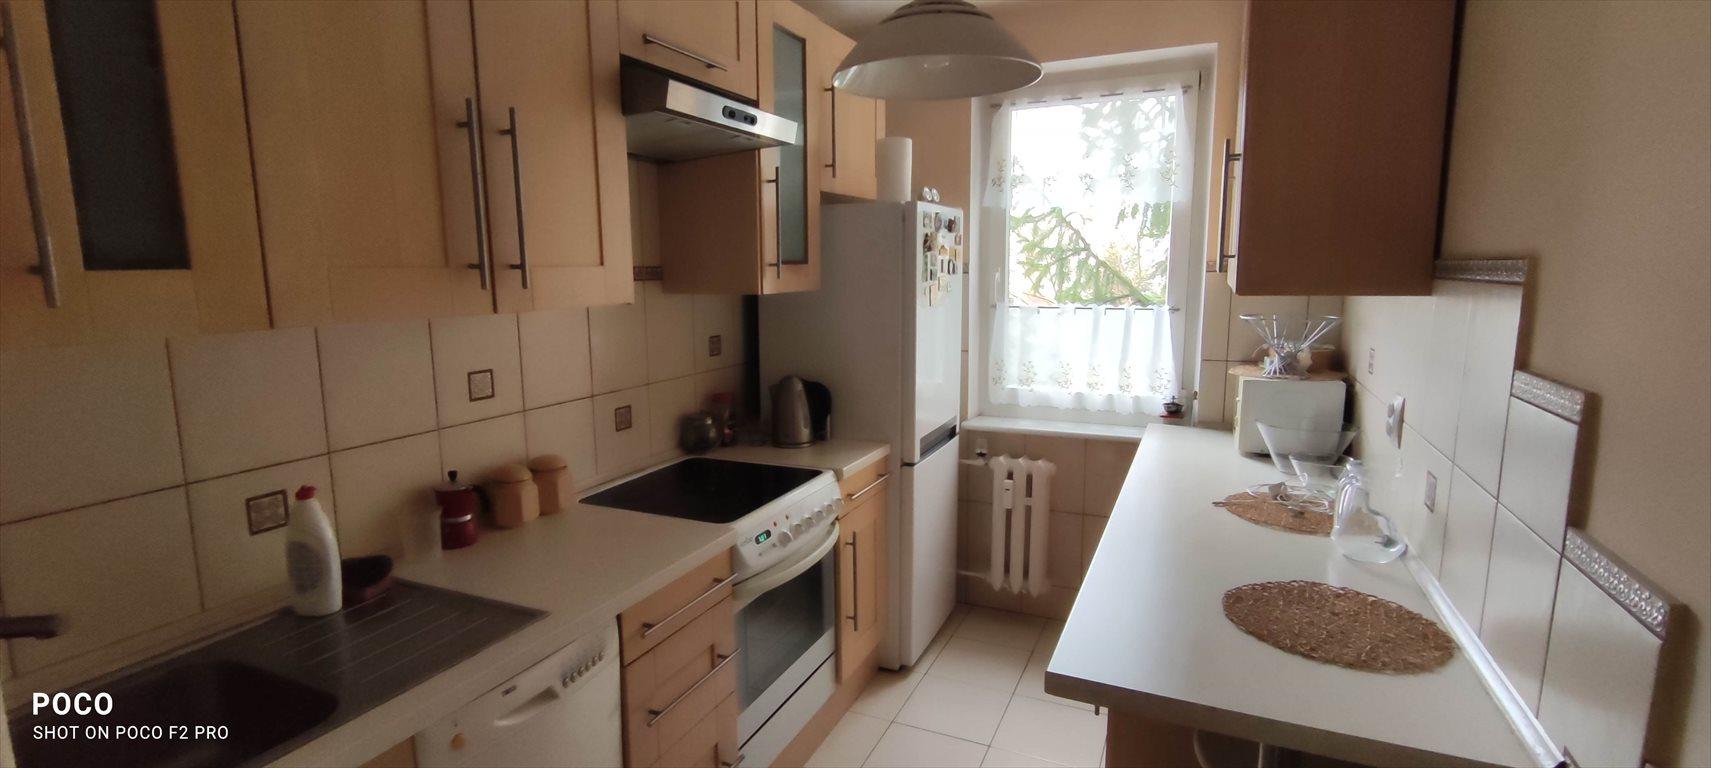 Mieszkanie trzypokojowe na sprzedaż Koziegłowy, OSIEDLE LEŚNE, OSIEDLE LEŚNE 6B  65m2 Foto 7